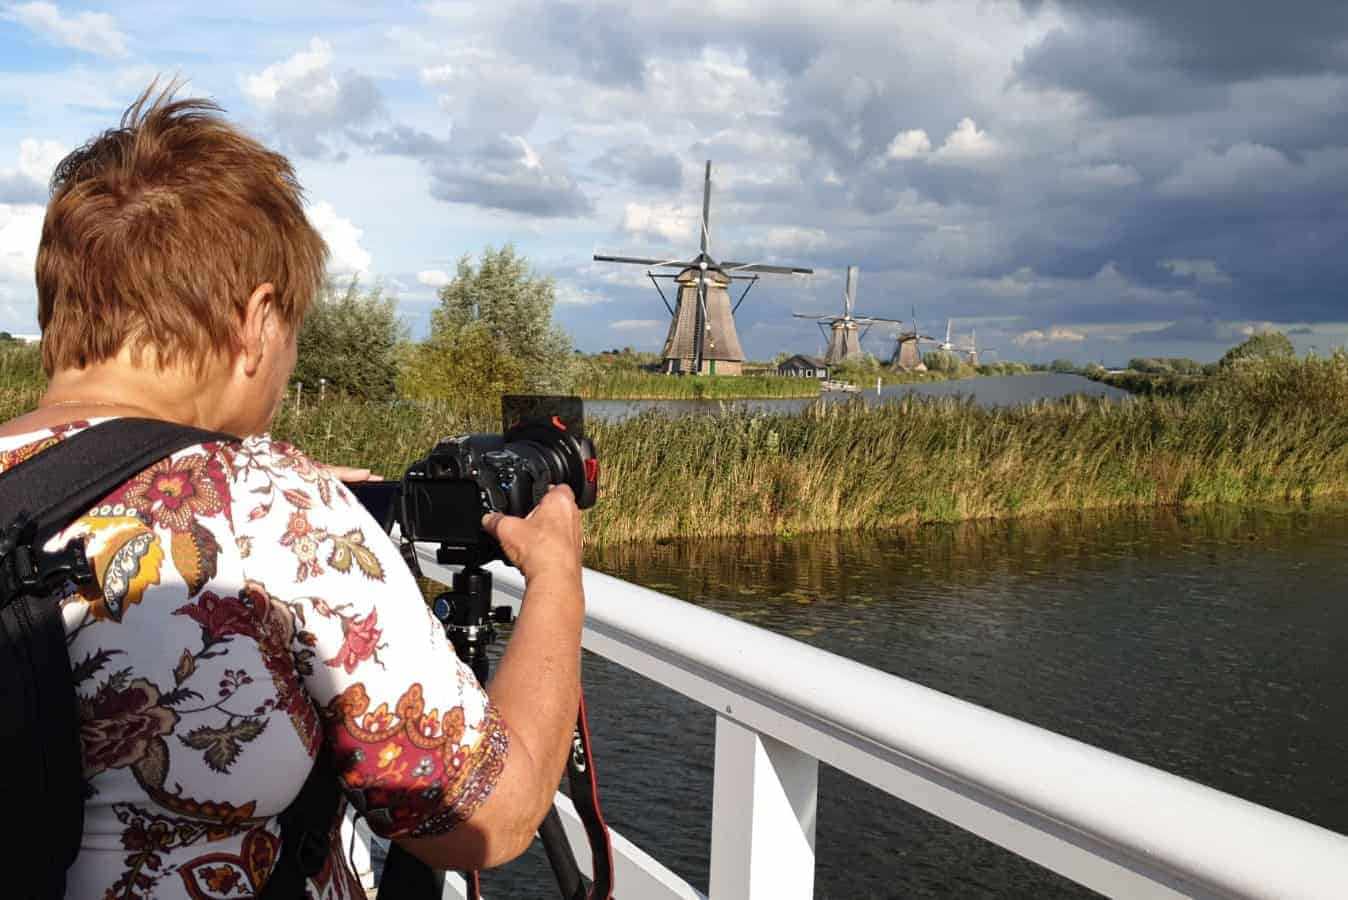 Deelneemster maakt HDR foto bij Zaanse Schans - Fotografie-reizen